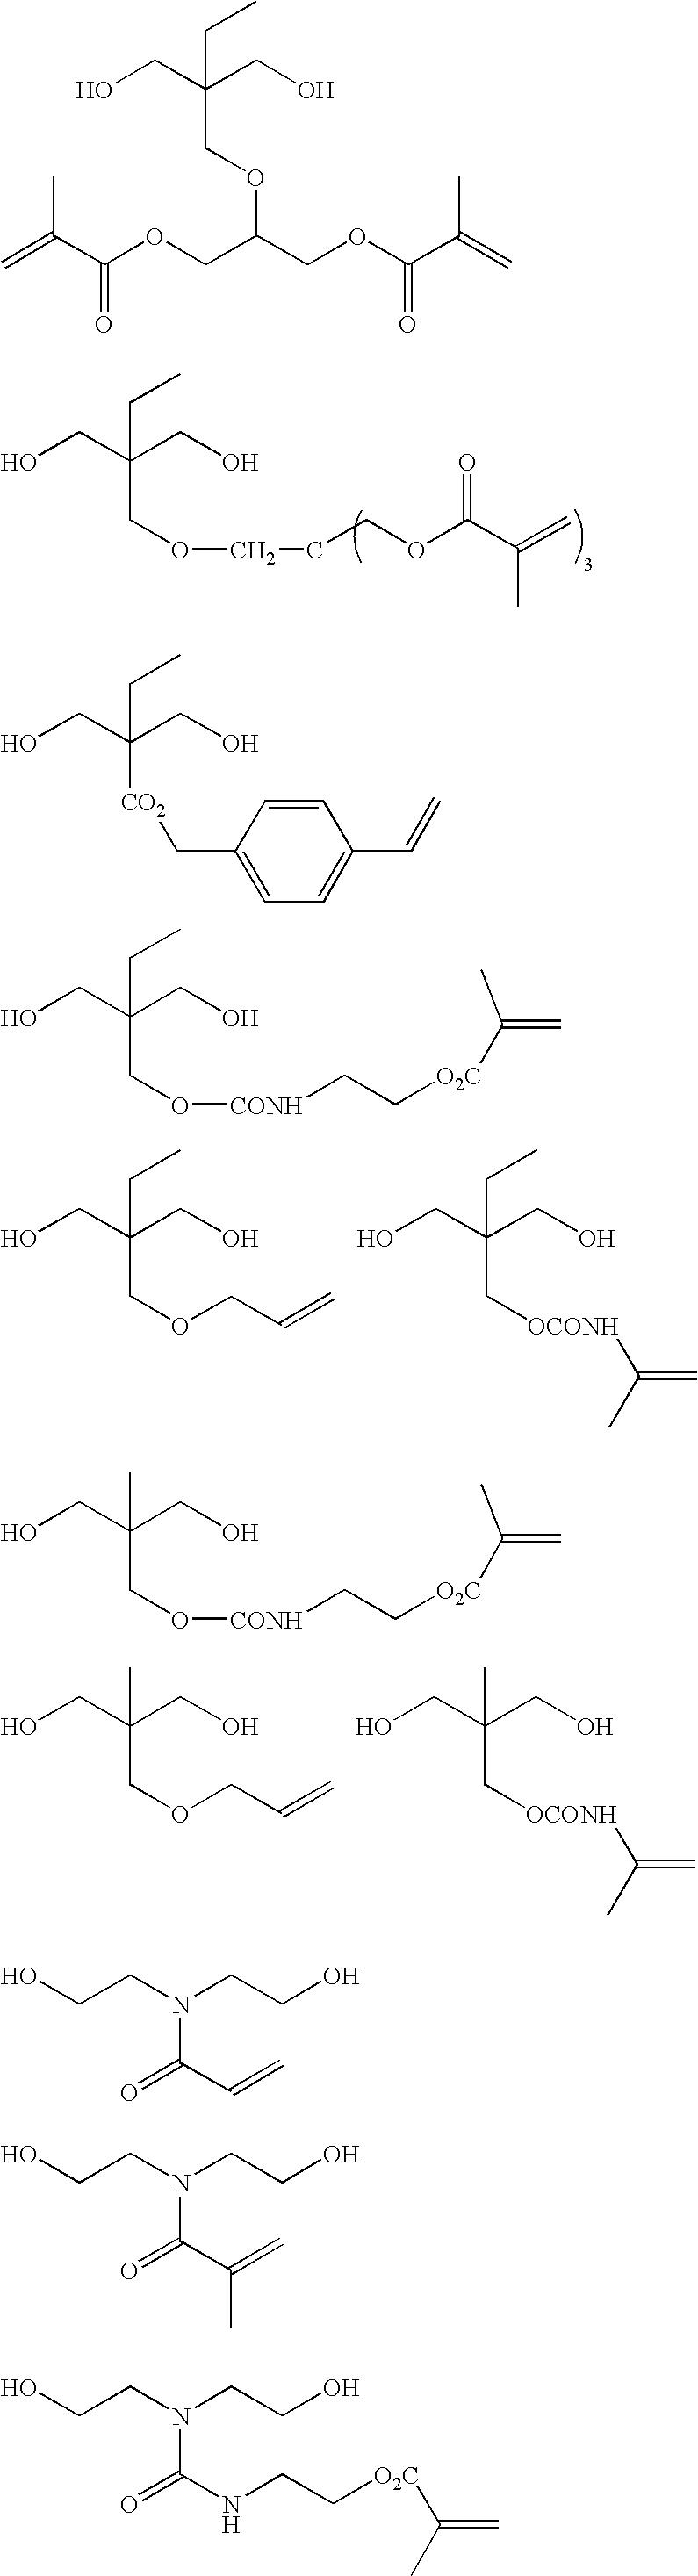 Figure US20090246653A1-20091001-C00019